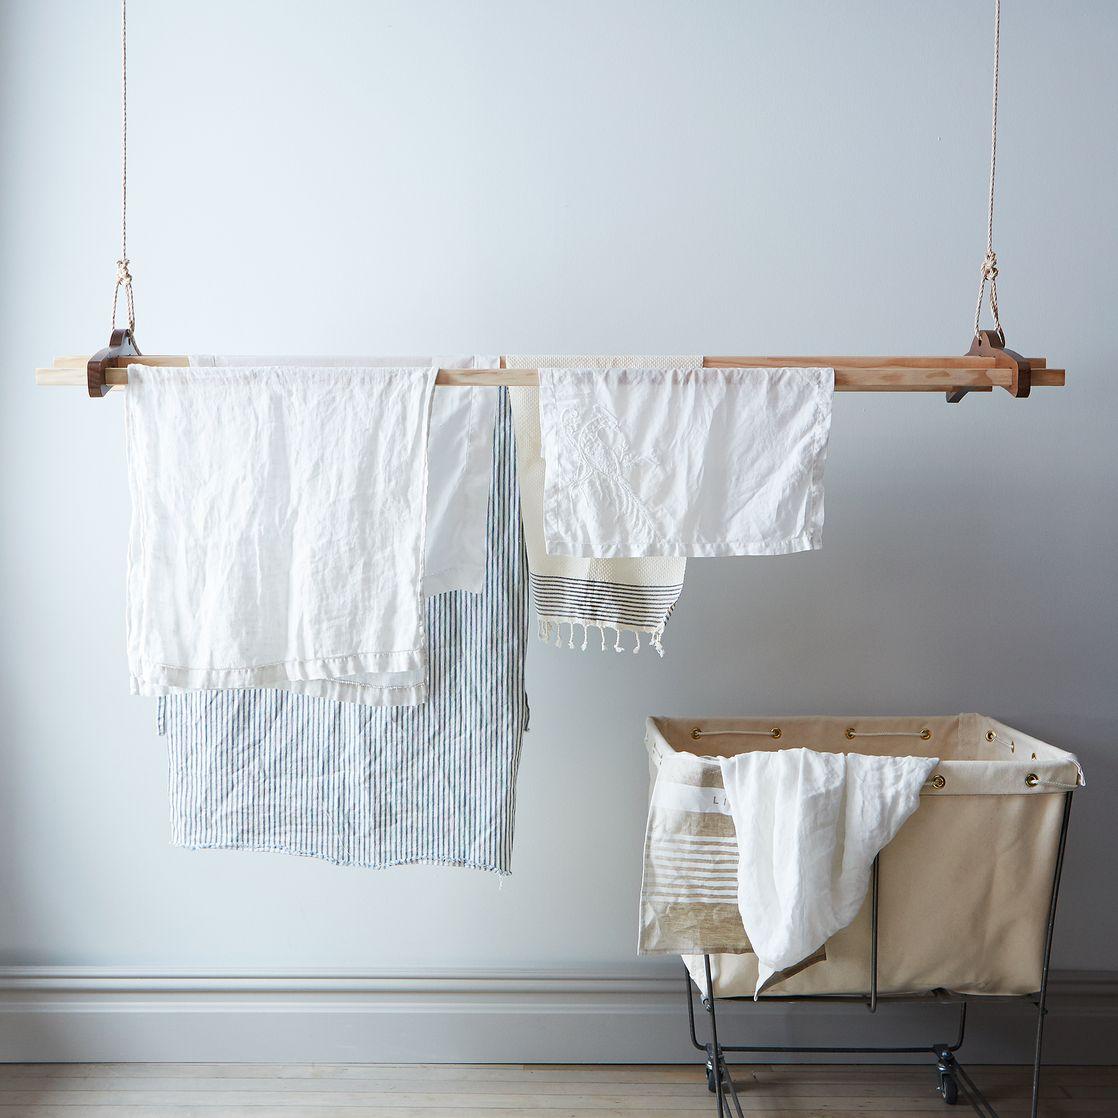 wasrek-aan-palfond-hangen-touw